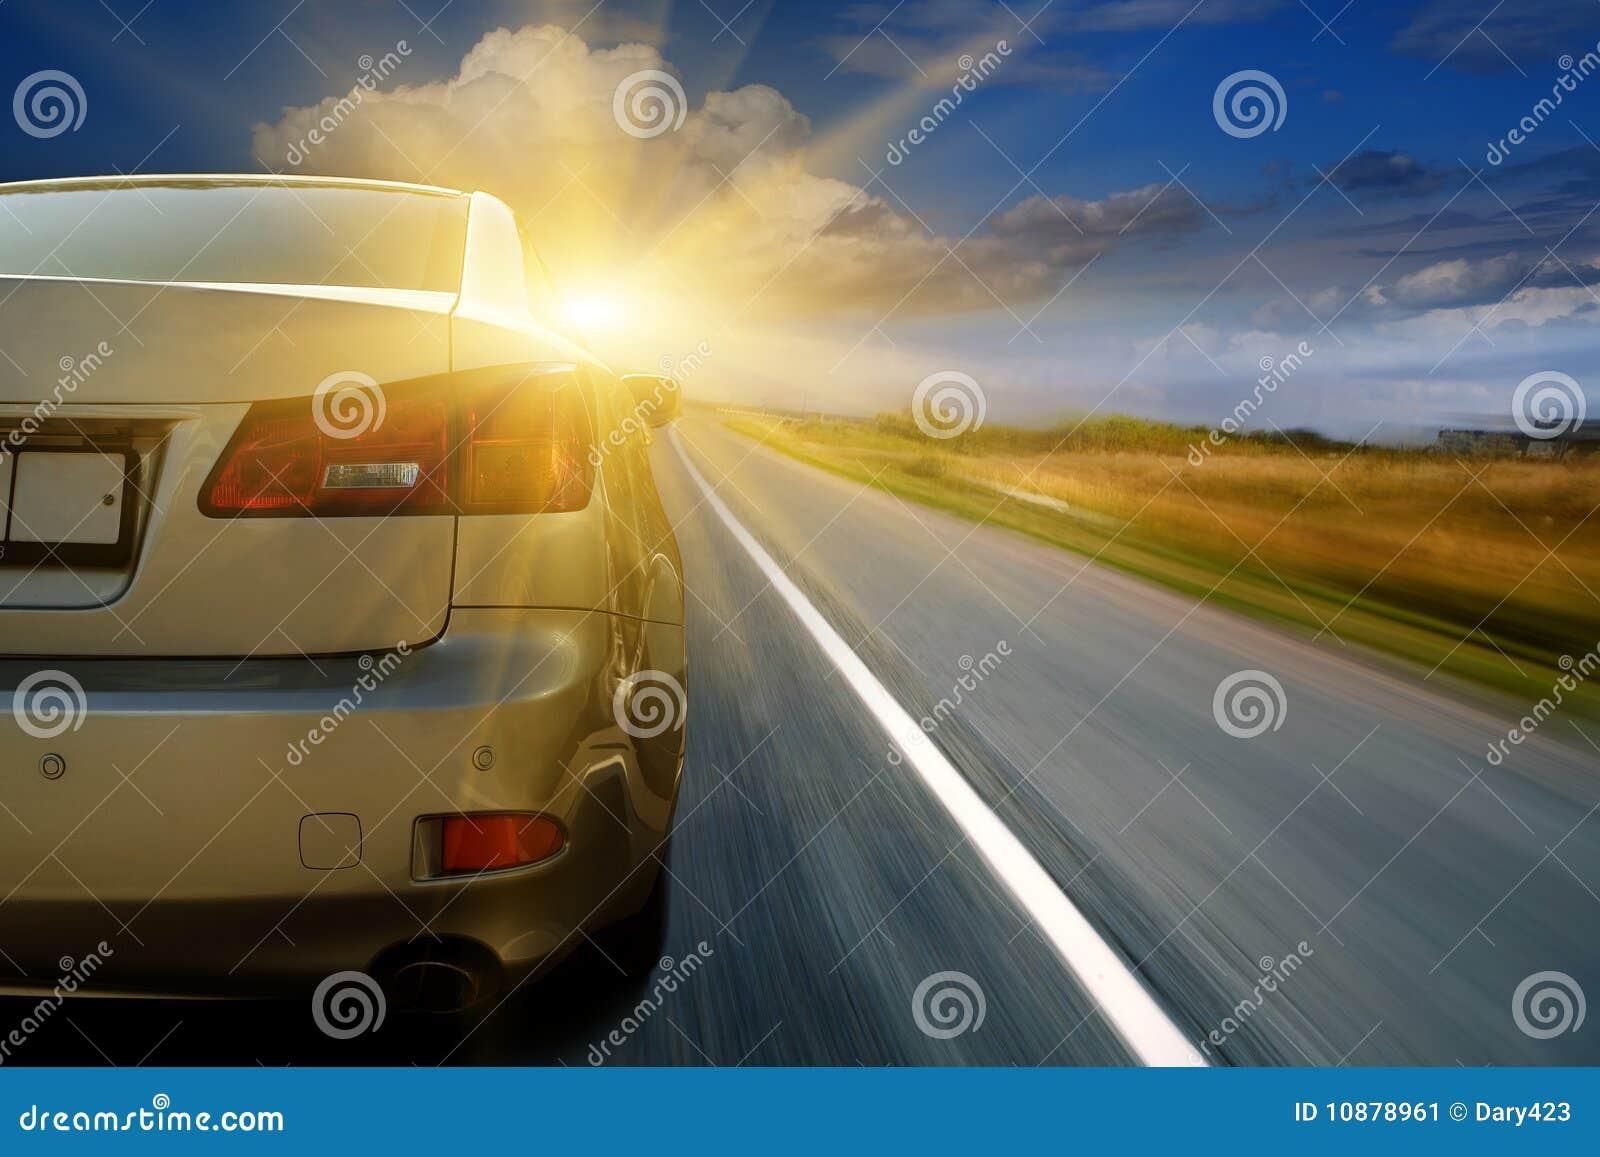 Autoantreiben in Richtung zum Sonnenschein